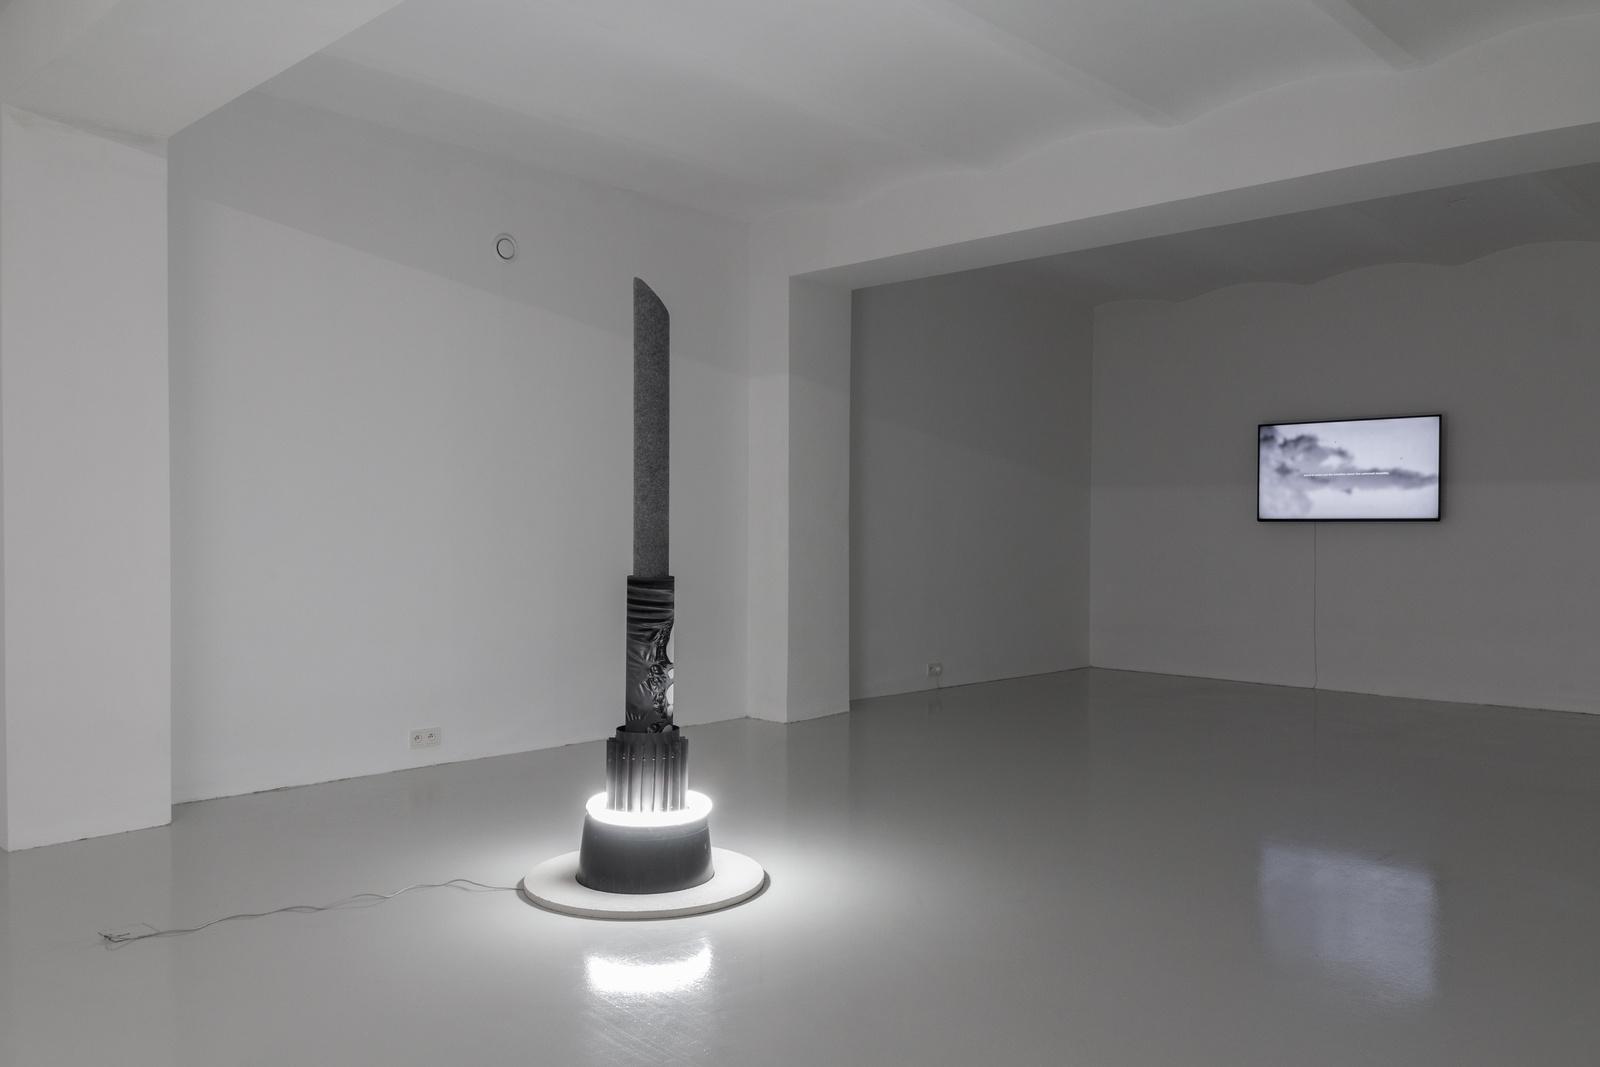 2_Mateusz Sadowski at SKALA_exhibition view